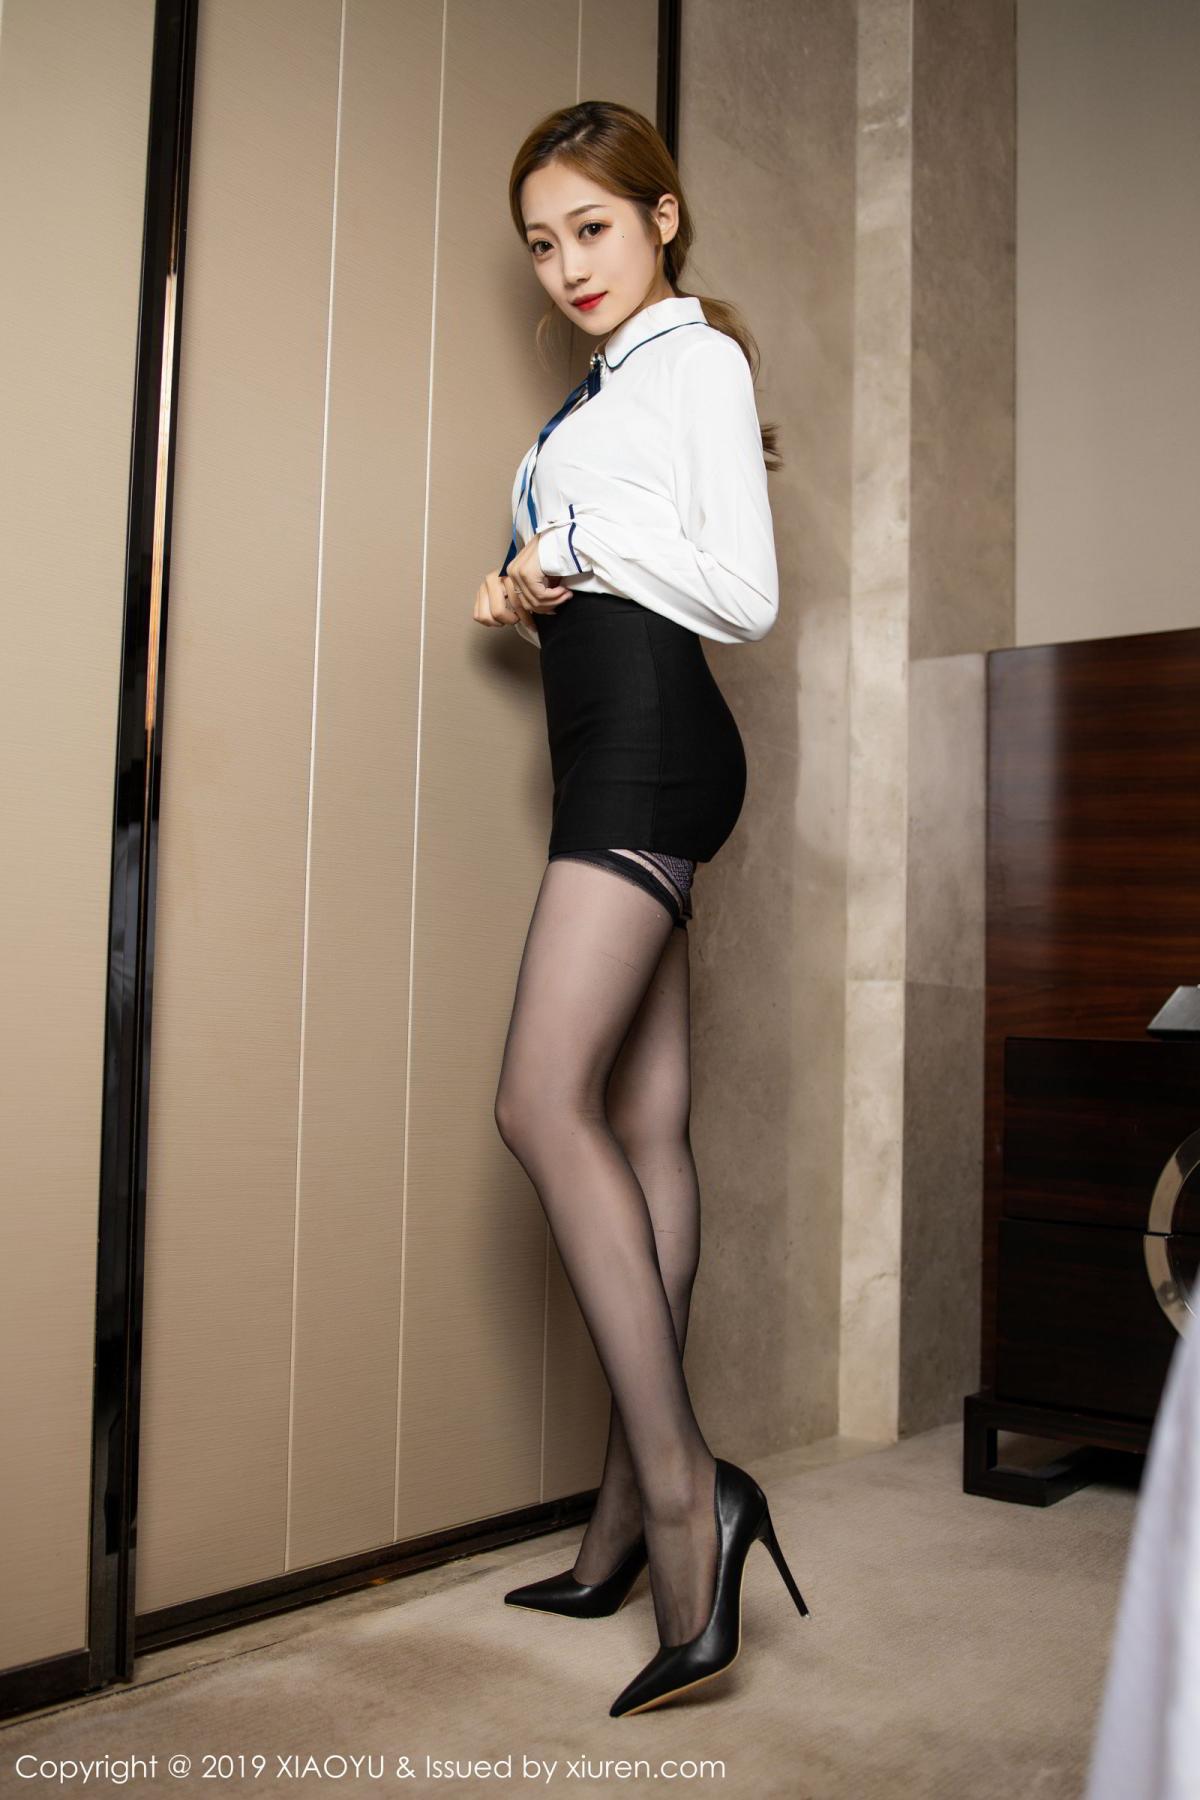 [XiaoYu] Vol.181 Yuner Claire 2P, Black Silk, Underwear, XiaoYu, Yuner Claire